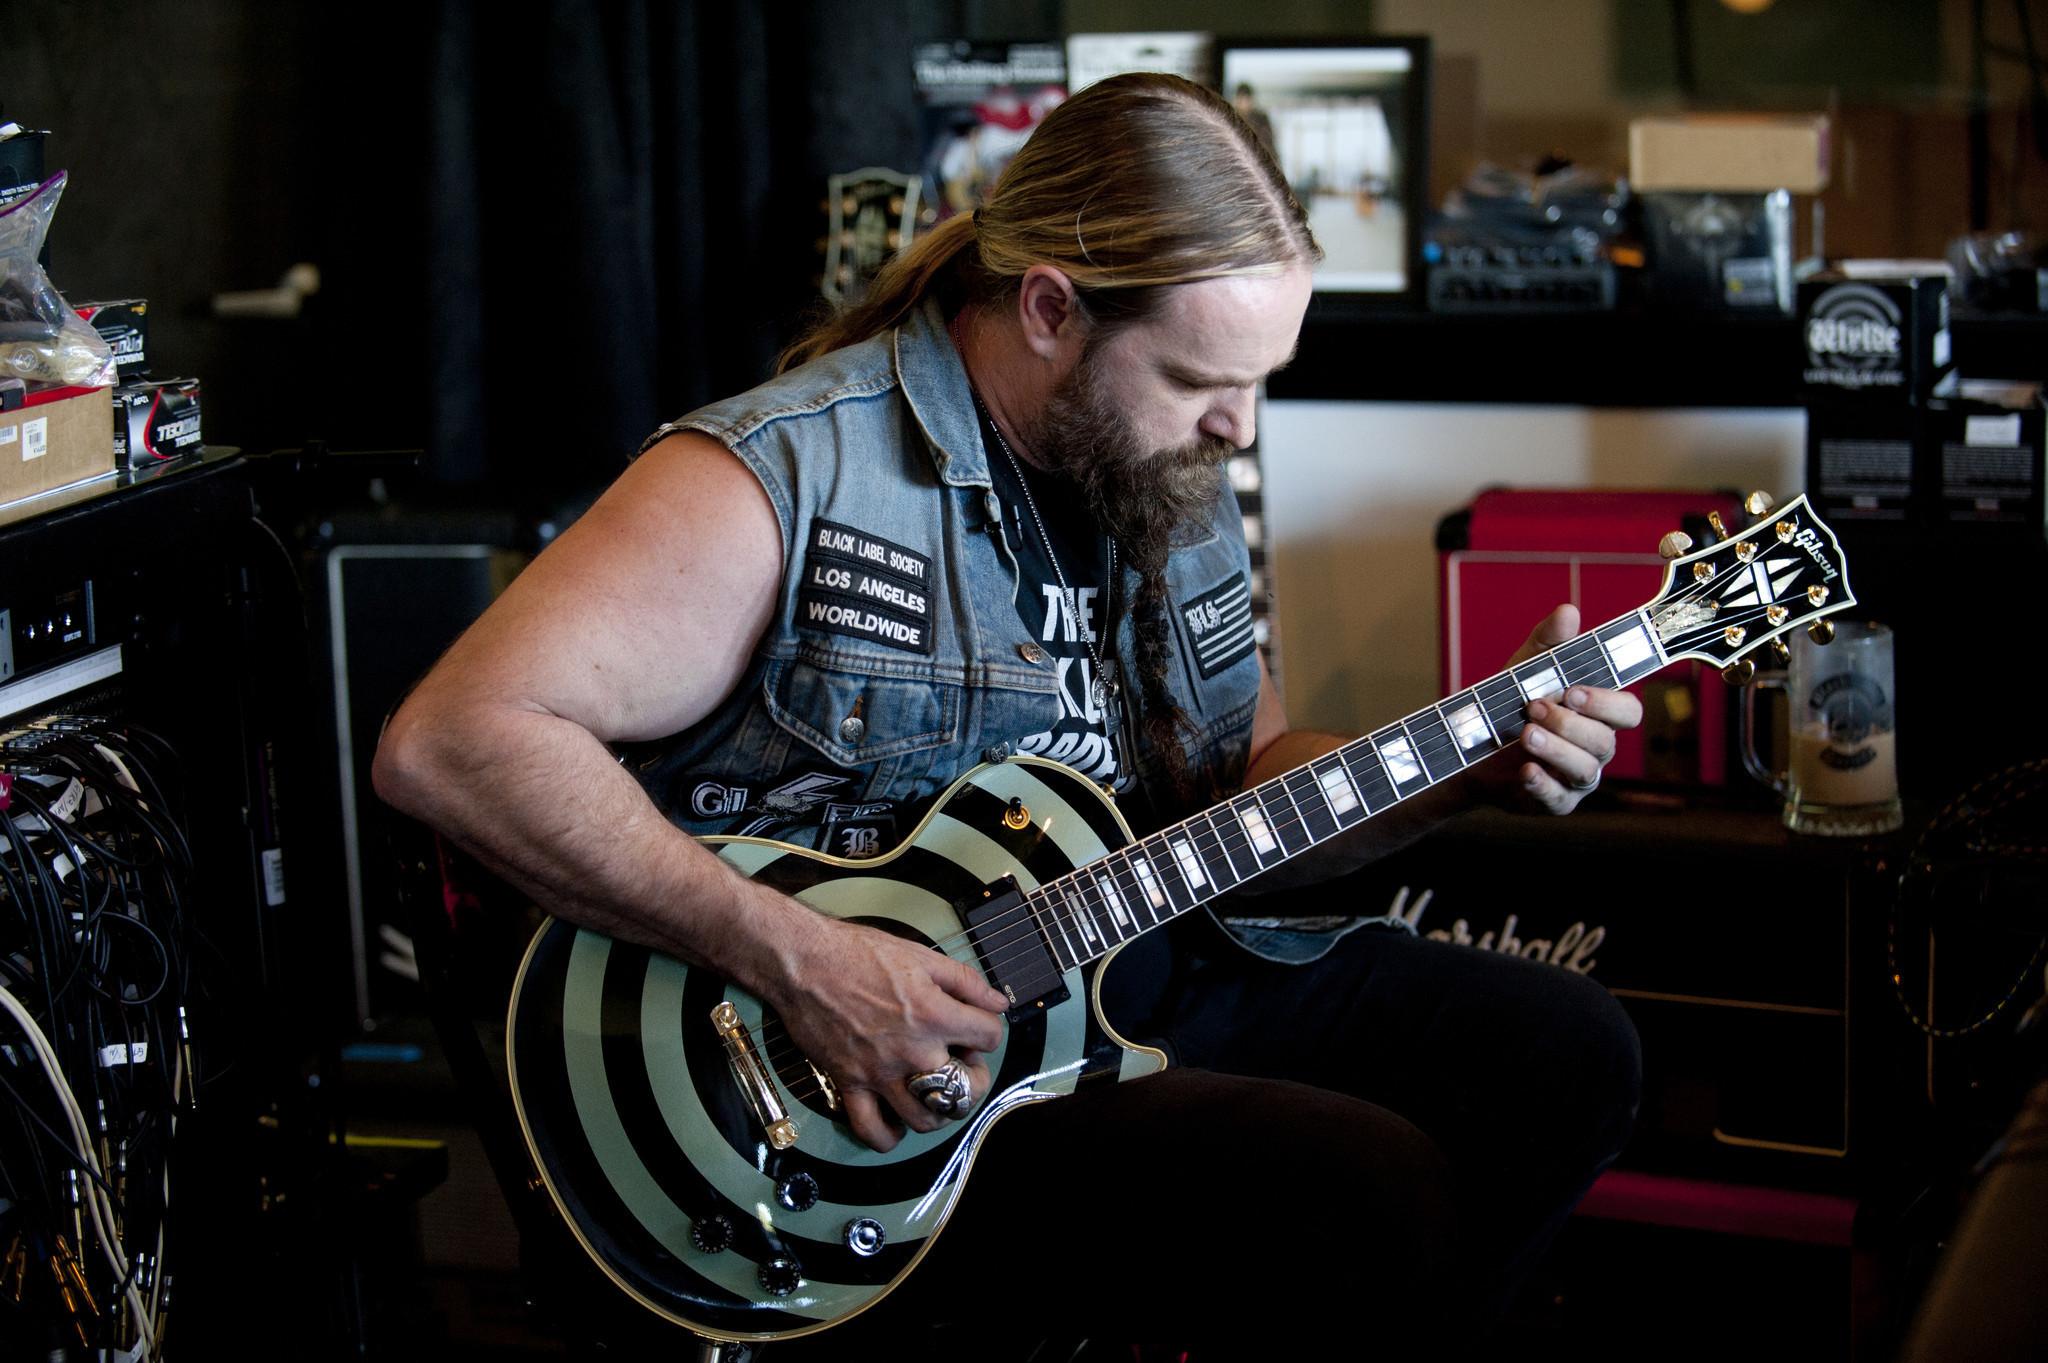 Zakk Wylde lost his Gibson Les Paul custom on tour